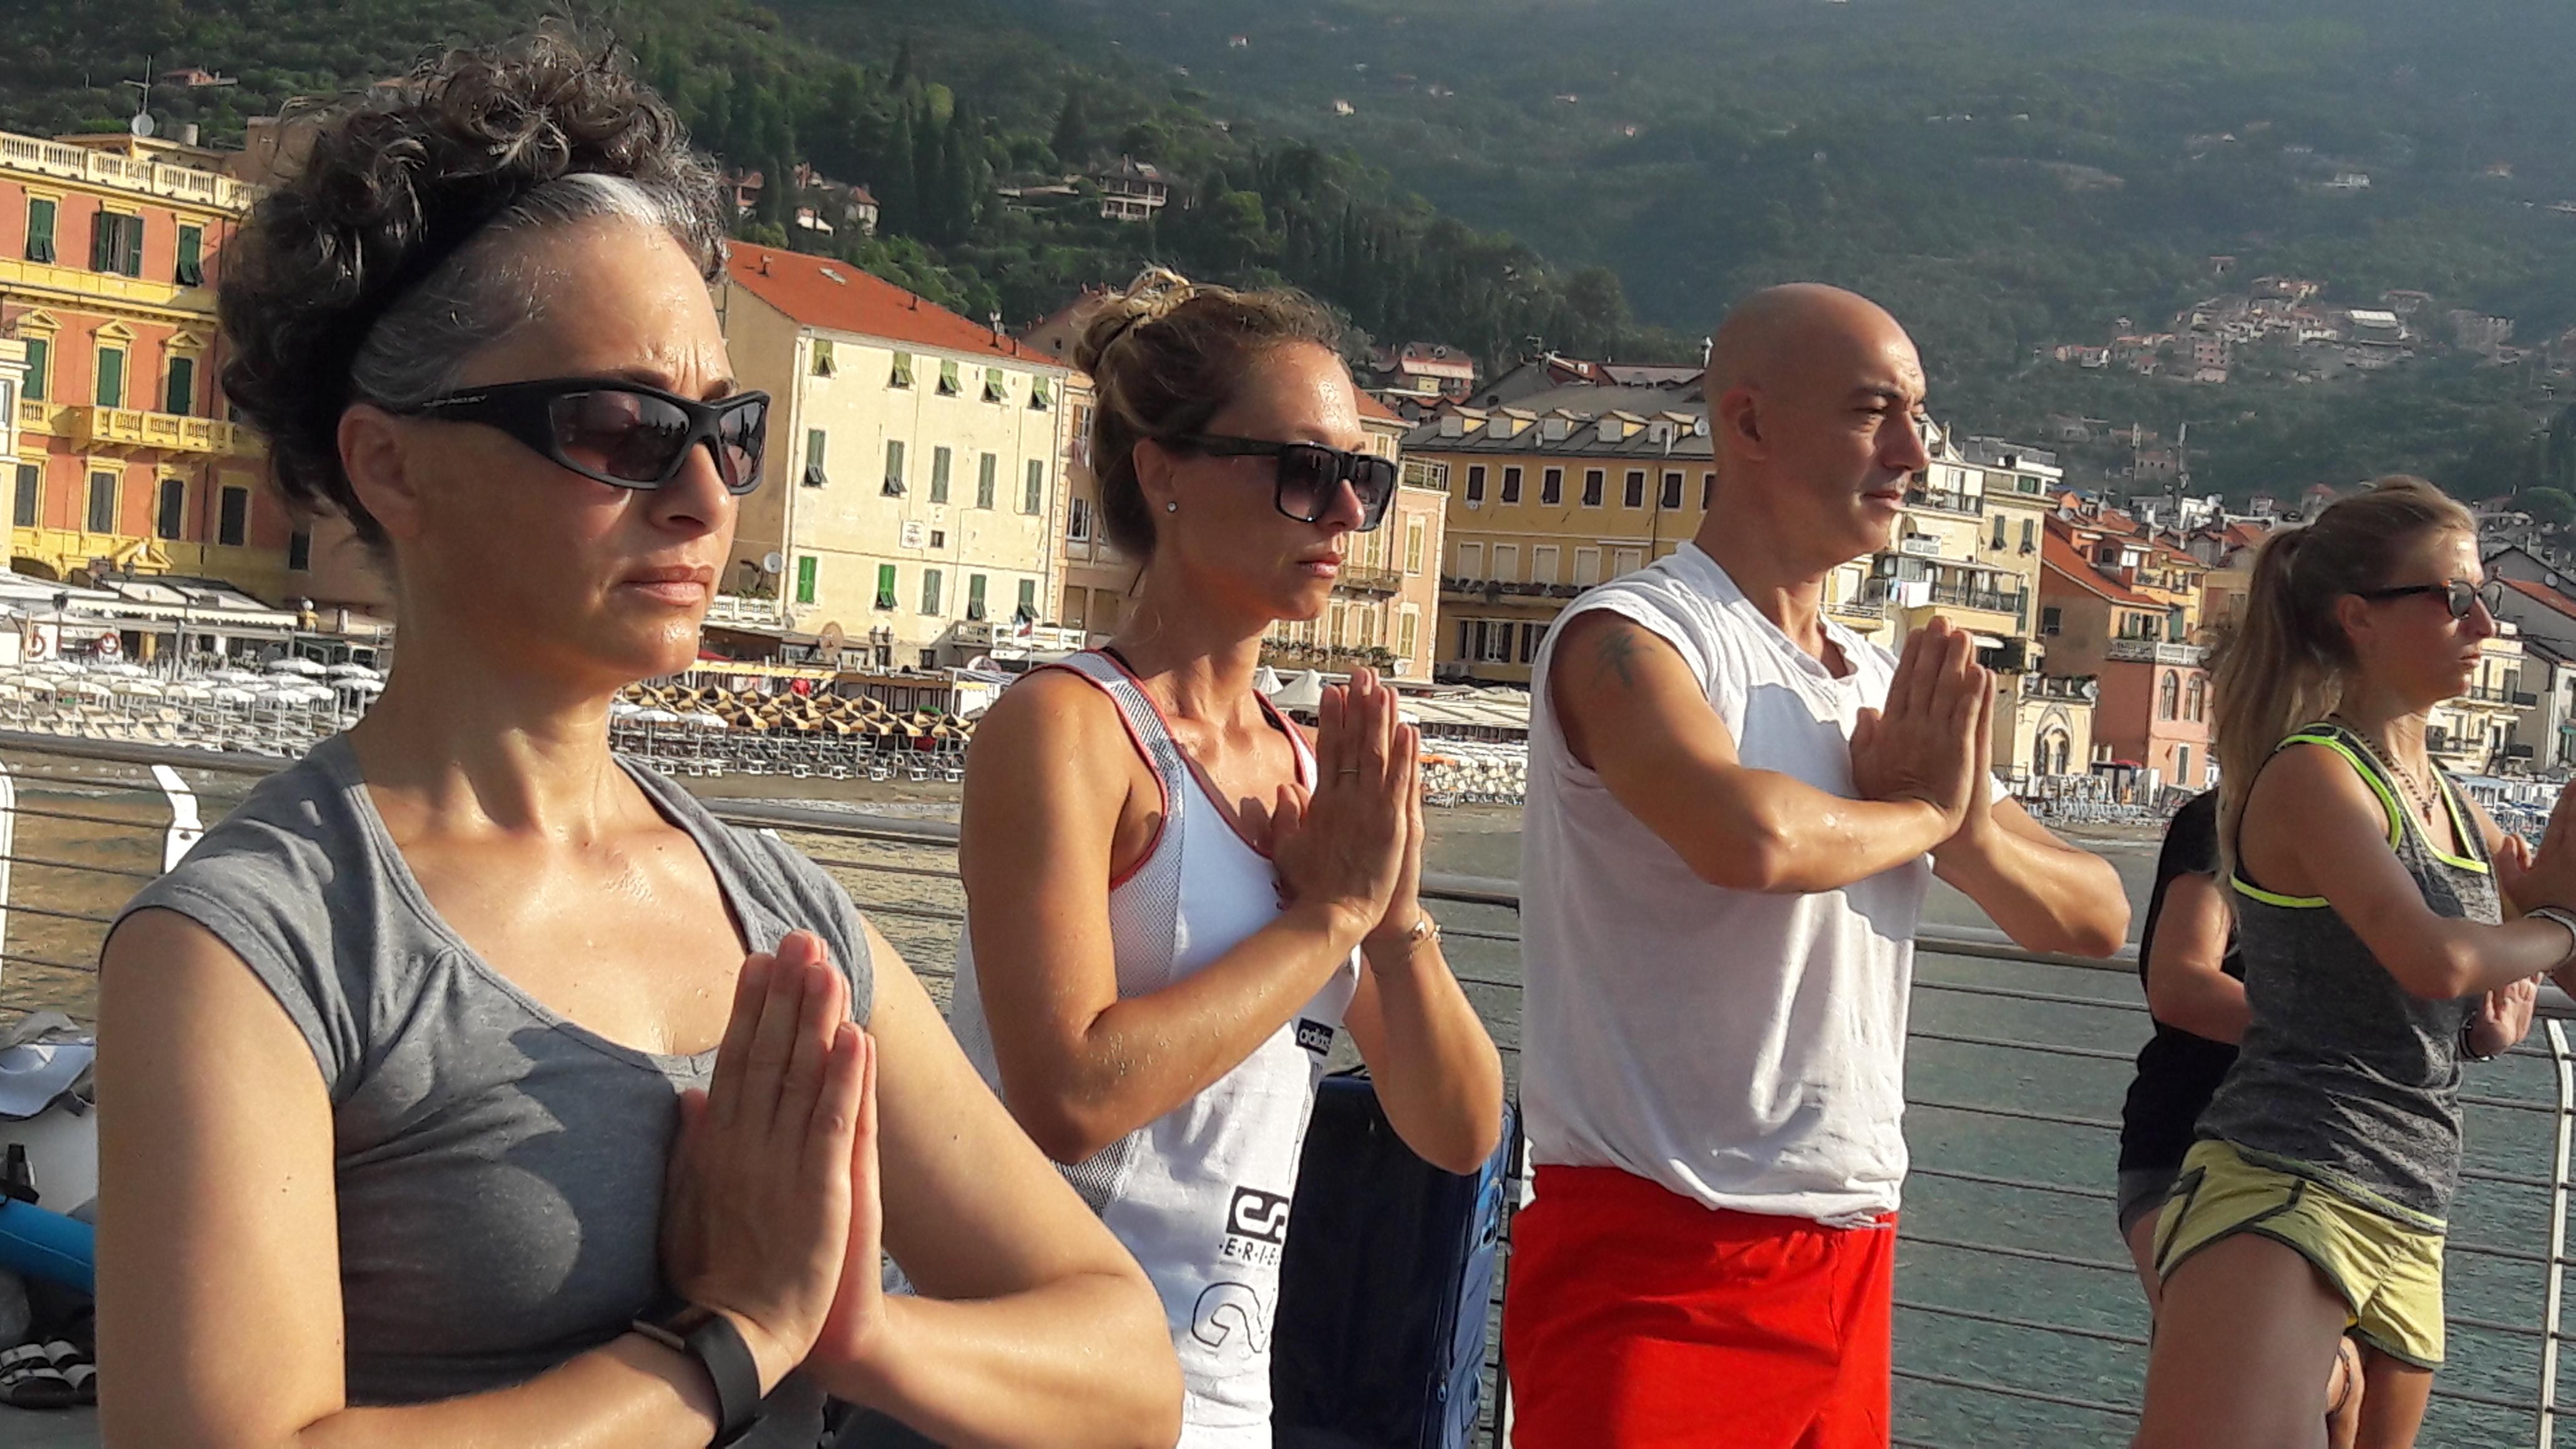 1_essere-free-yoga-gratuito-benessere-per-tutti-village-citta-alassio-estate-lucia-ragazzi-summer-town-wellness-054